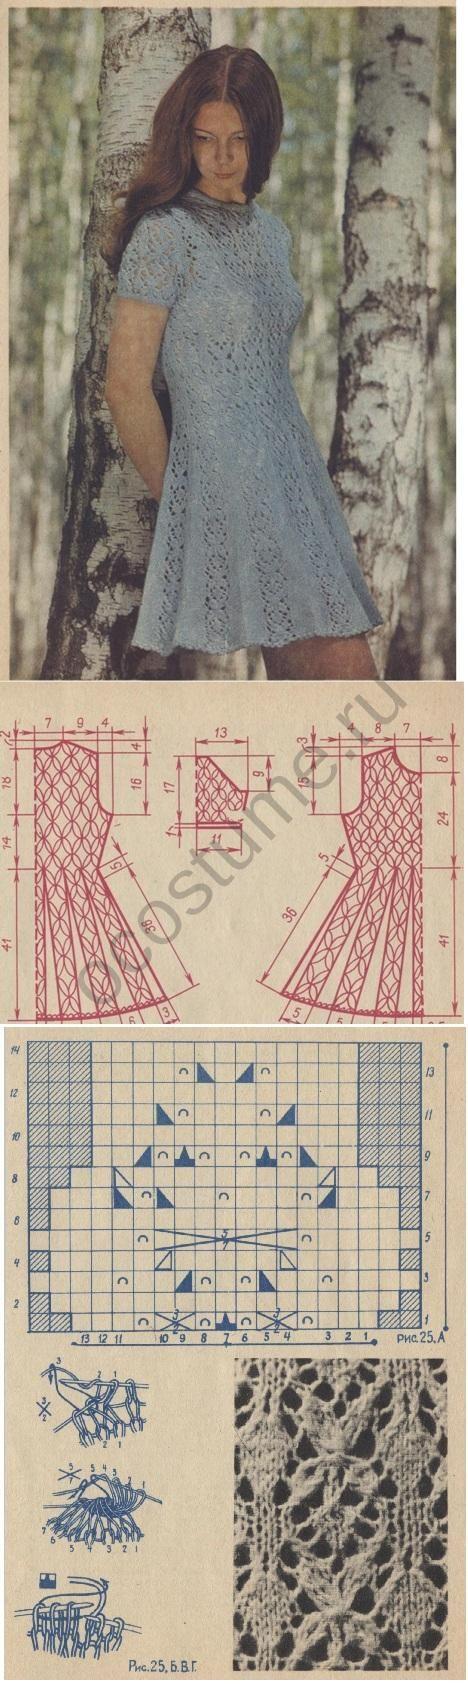 lutik-вязание крючком и спицами: вязаное летнее платье выкройка, схема и описание